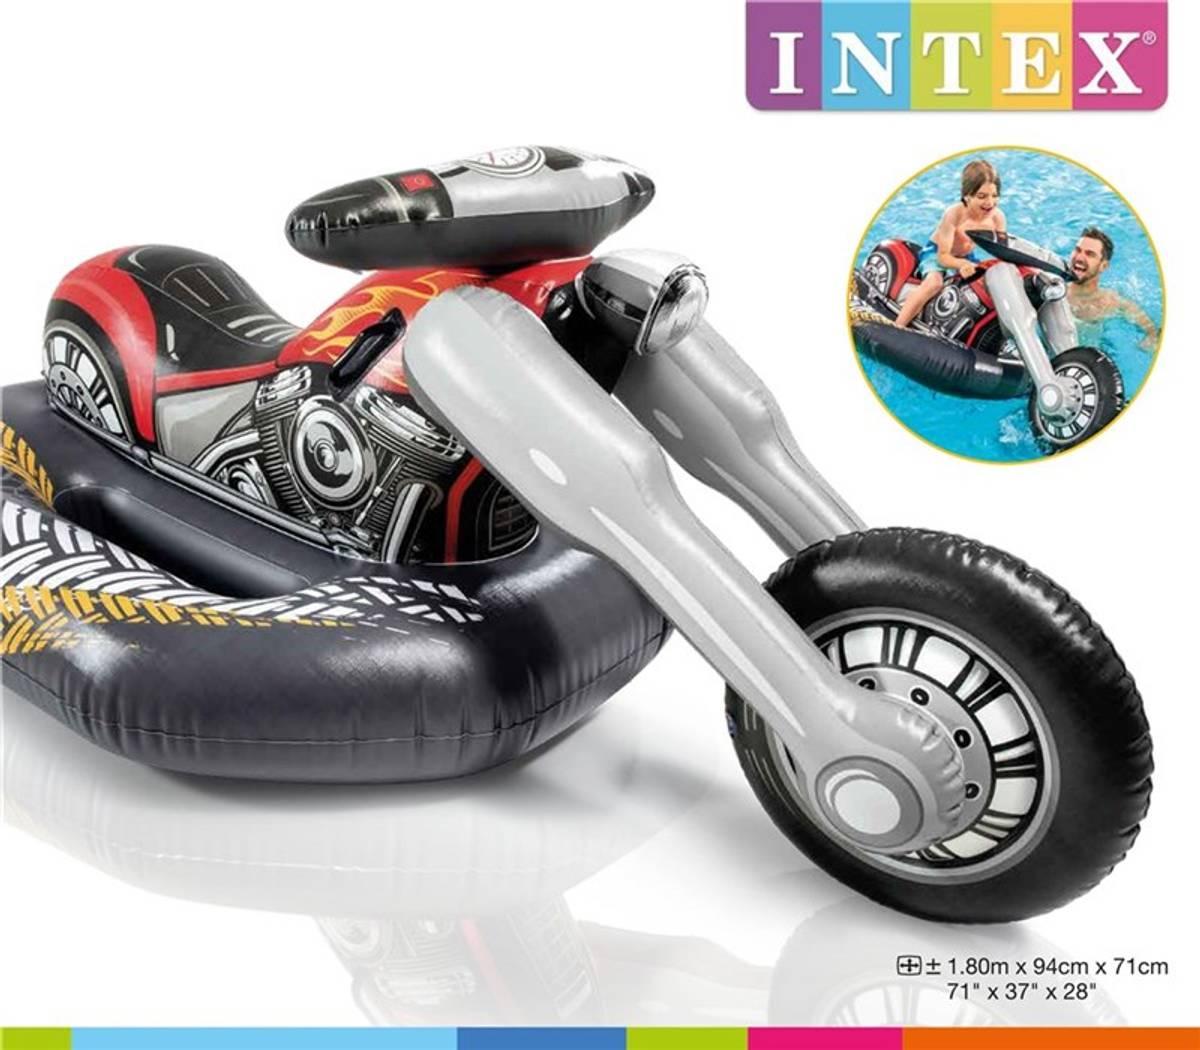 Intex cruiser motorsykkel ride-on